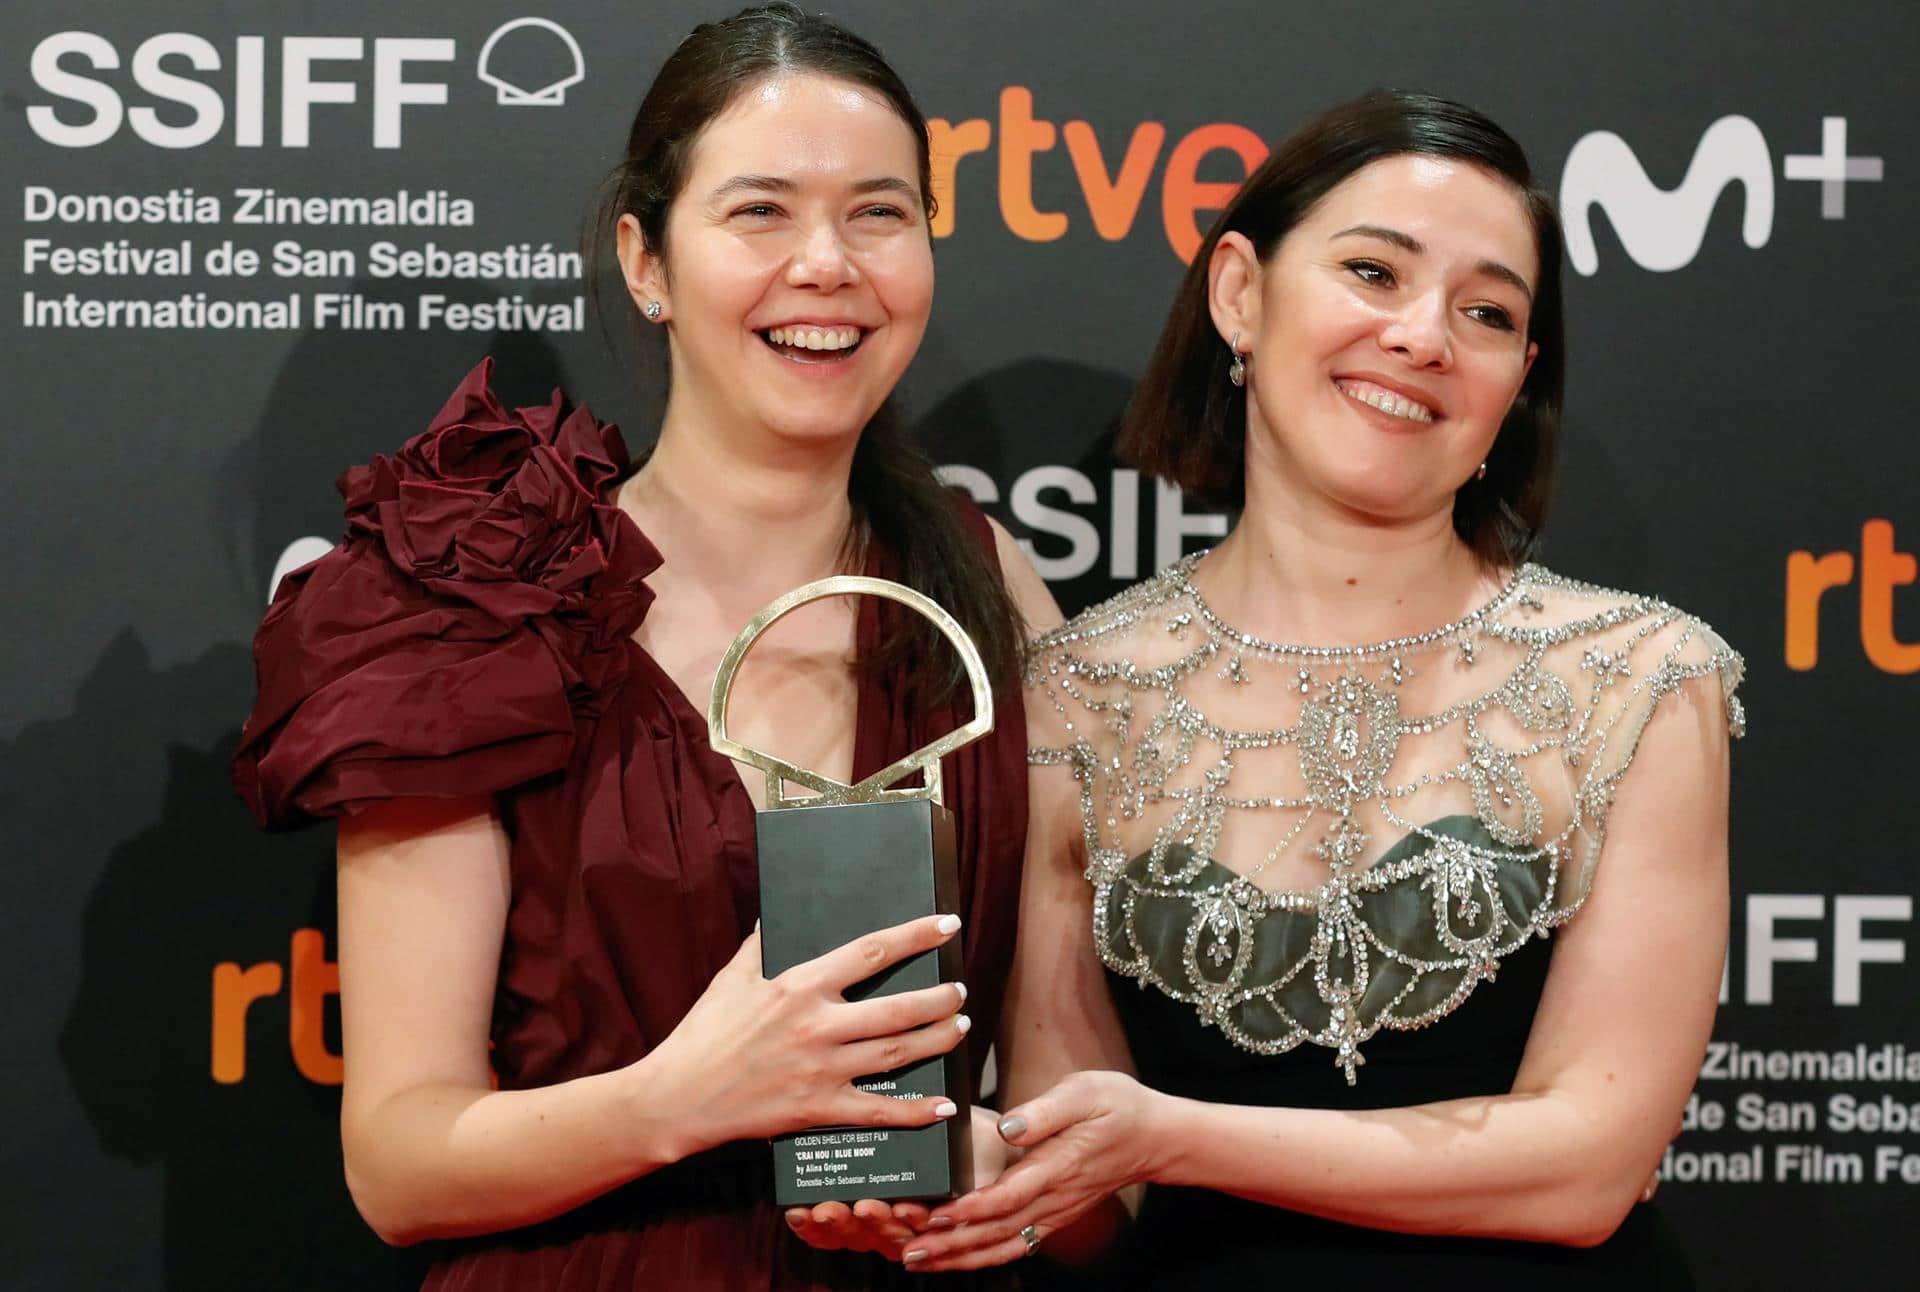 Alina Grigore y la productora Gabi Suciu posan con la Concha de Oro. Fuente: EFE